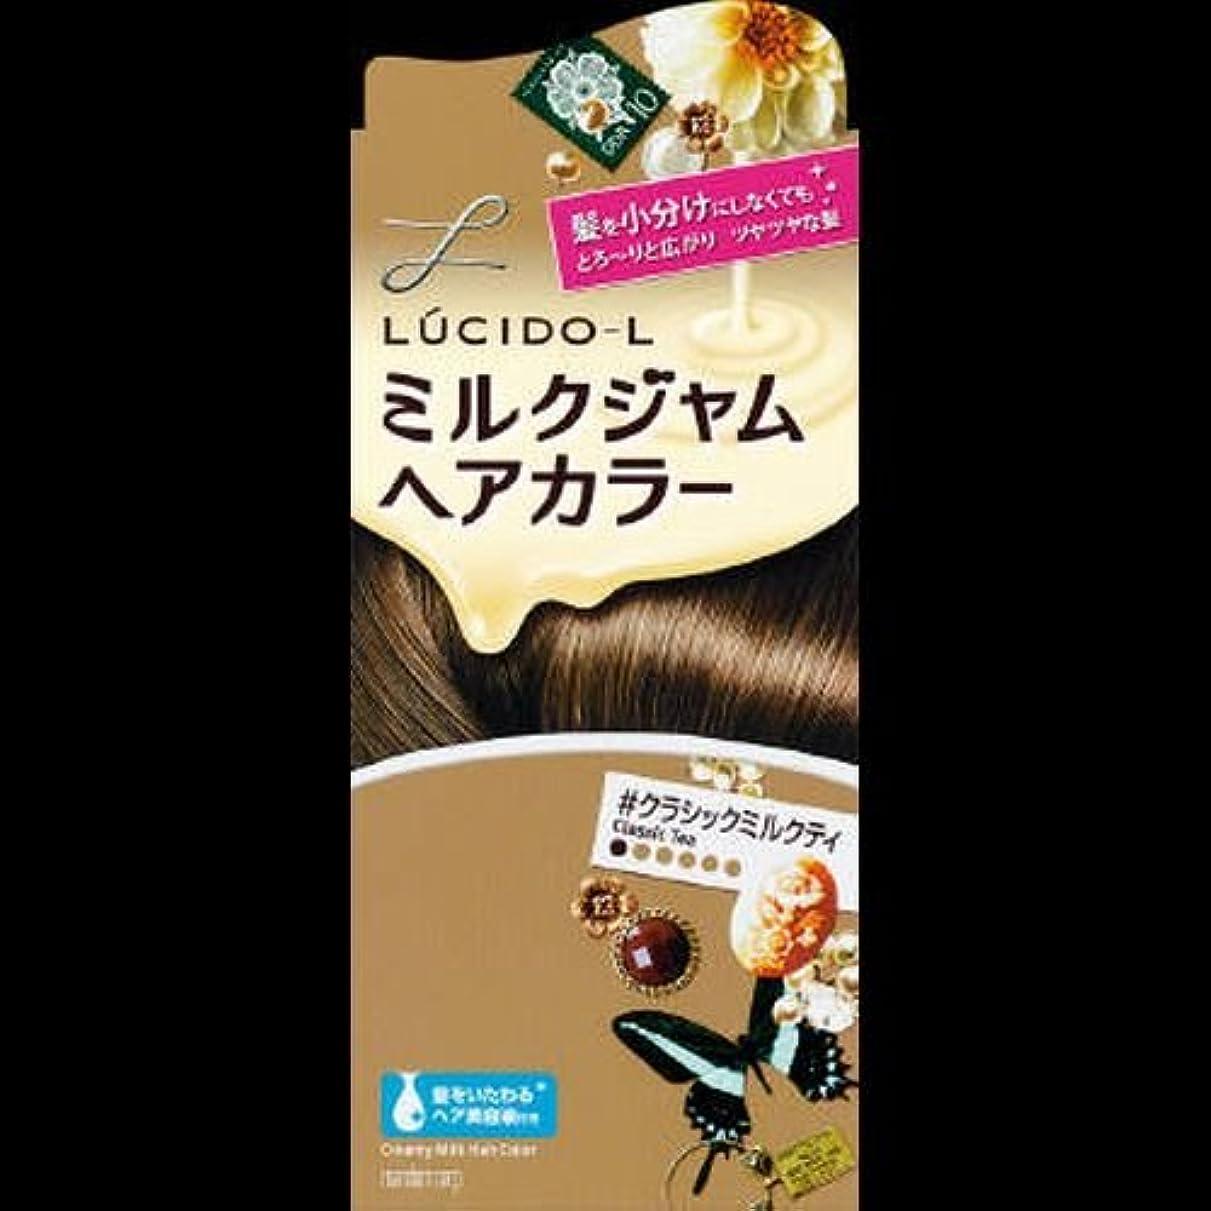 大きさ潤滑するペチコート【まとめ買い】ルシードエル ミルクジャムヘアカラー クラシックミルクティ ×2セット